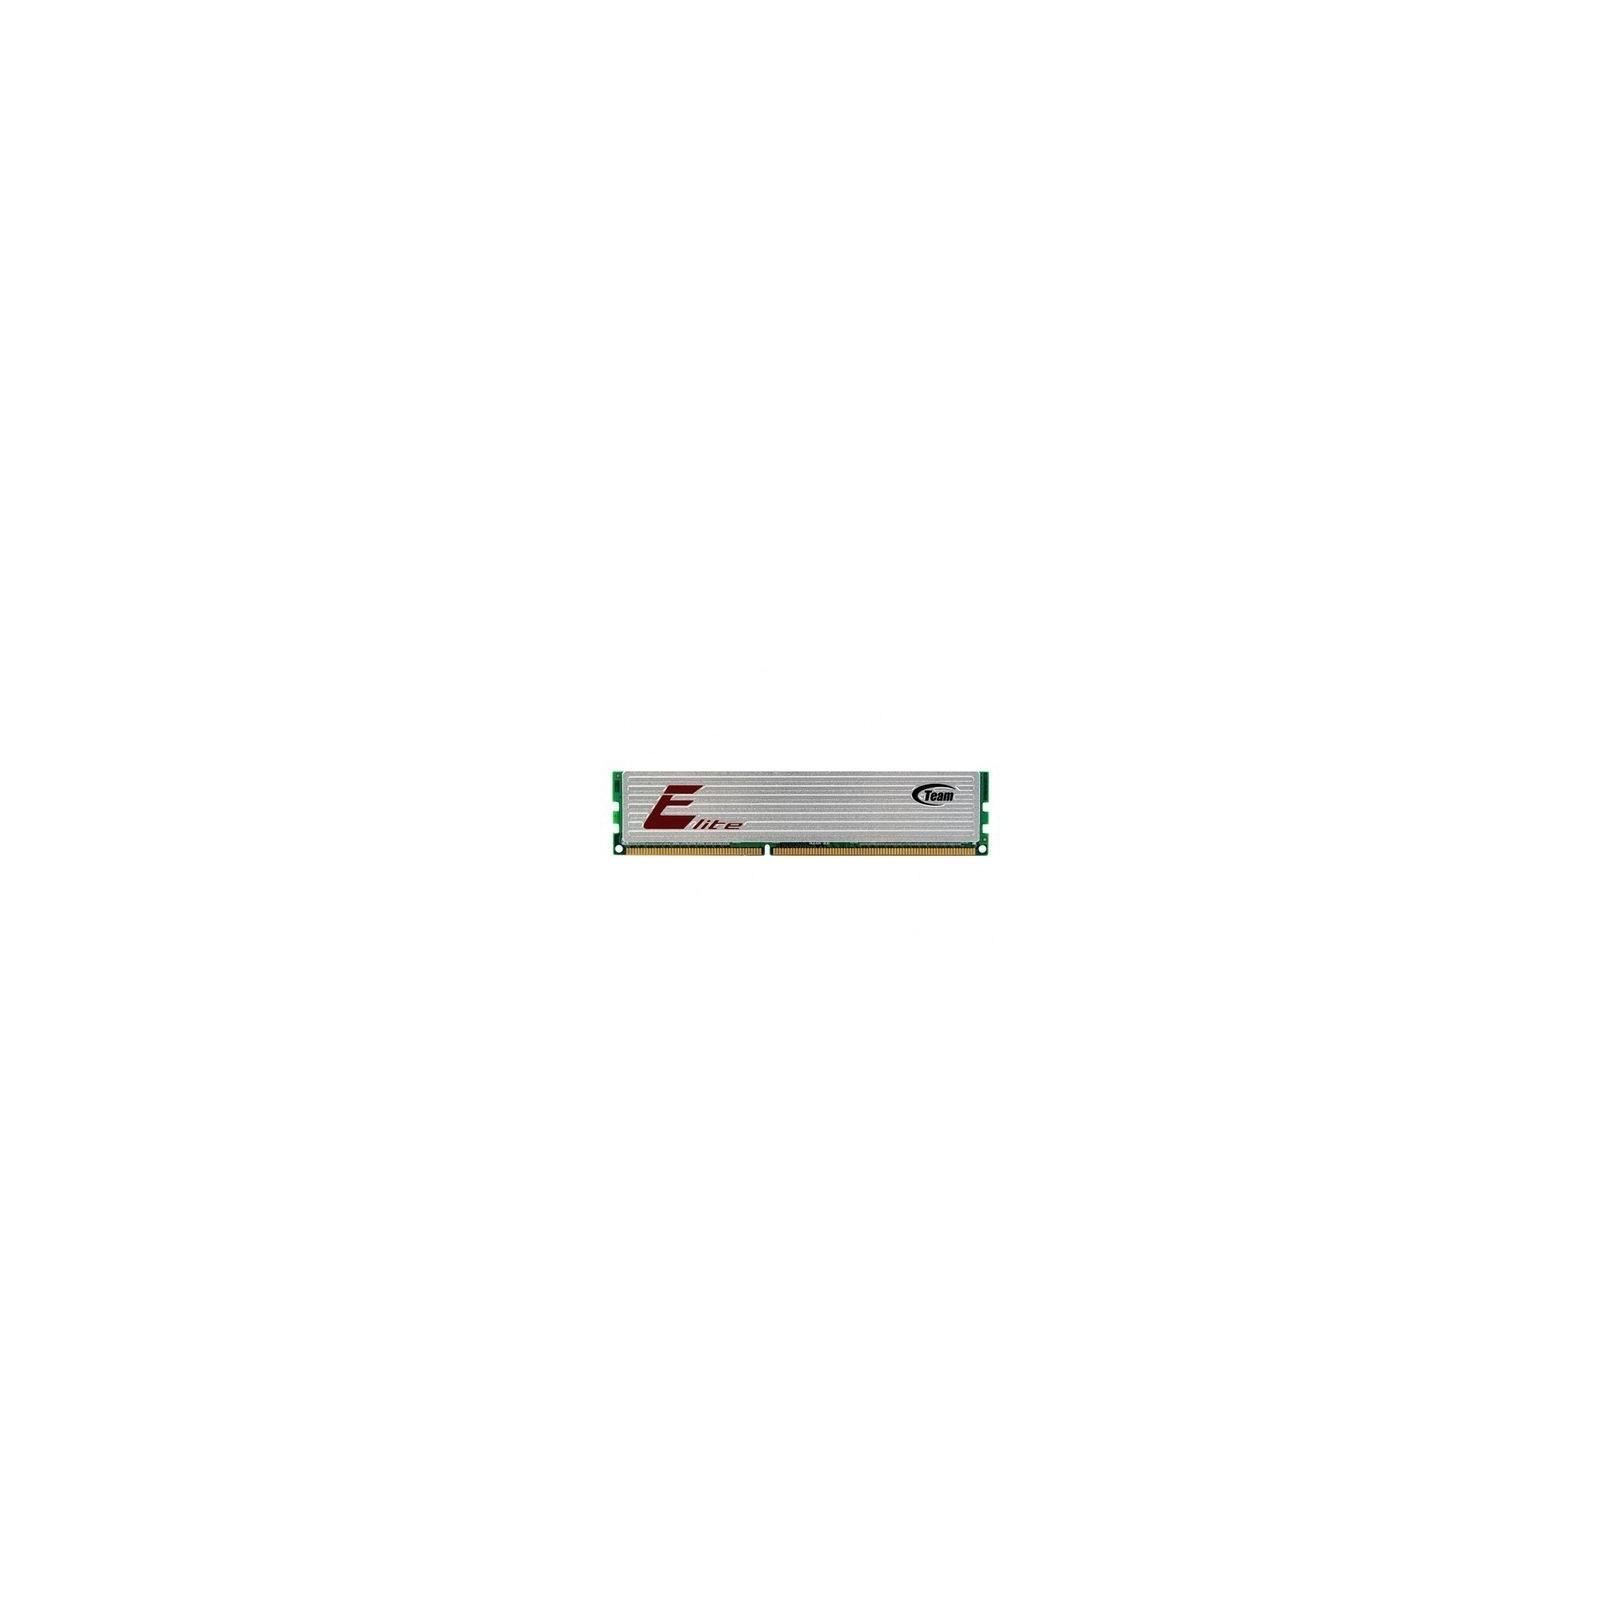 Модуль памяти для компьютера DDR3 2GB 1600 MHz Team (TED32GM1600HC11BK / TED32G1600HC11BK)